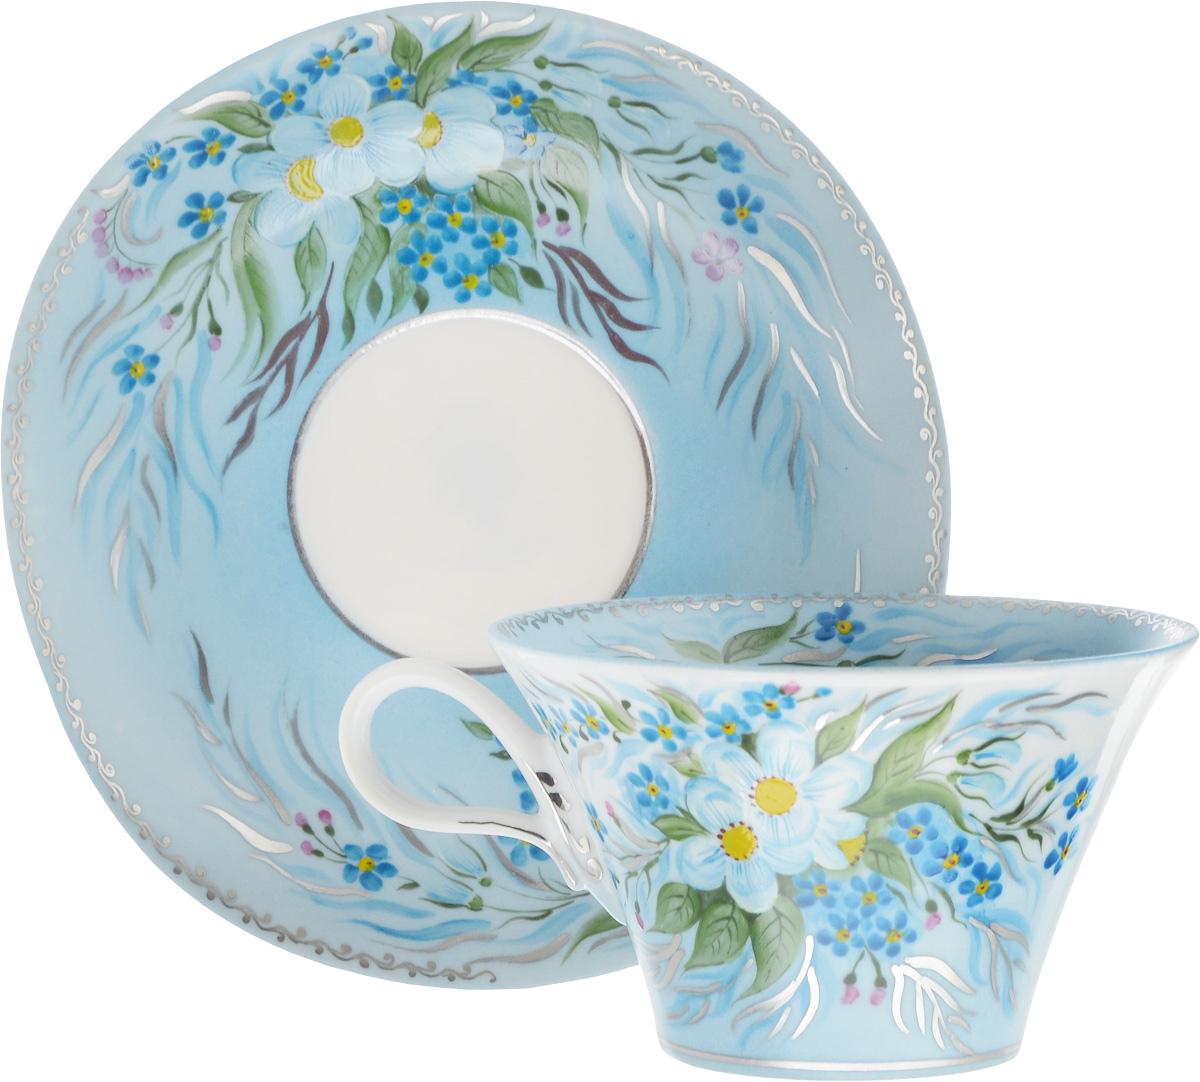 Чайная пара Фарфор Вербилок Дыхание Наяды, 2 предмета2709000ПЧайная пара Фарфор Вербилок Дыхание Наяды состоит из чашки и блюдца, изготовленных из высококачественного фарфора. Изделия оформлены в классическом стиле и имеют изысканный внешний вид. Такой набор прекрасно дополнит сервировку стола к чаепитию и подчеркнет ваш безупречный вкус. Чайная пара Фарфор Вербилок Дыхание Наяды - это прекрасный подарок к любому случаю. Объем чашки: 200 мл. Диаметр чашки (по верхнему краю): 10 см. Высота чашки: 6 см. Размер блюдца: 14 х 15 см. Высота блюдца: 2,5 см.